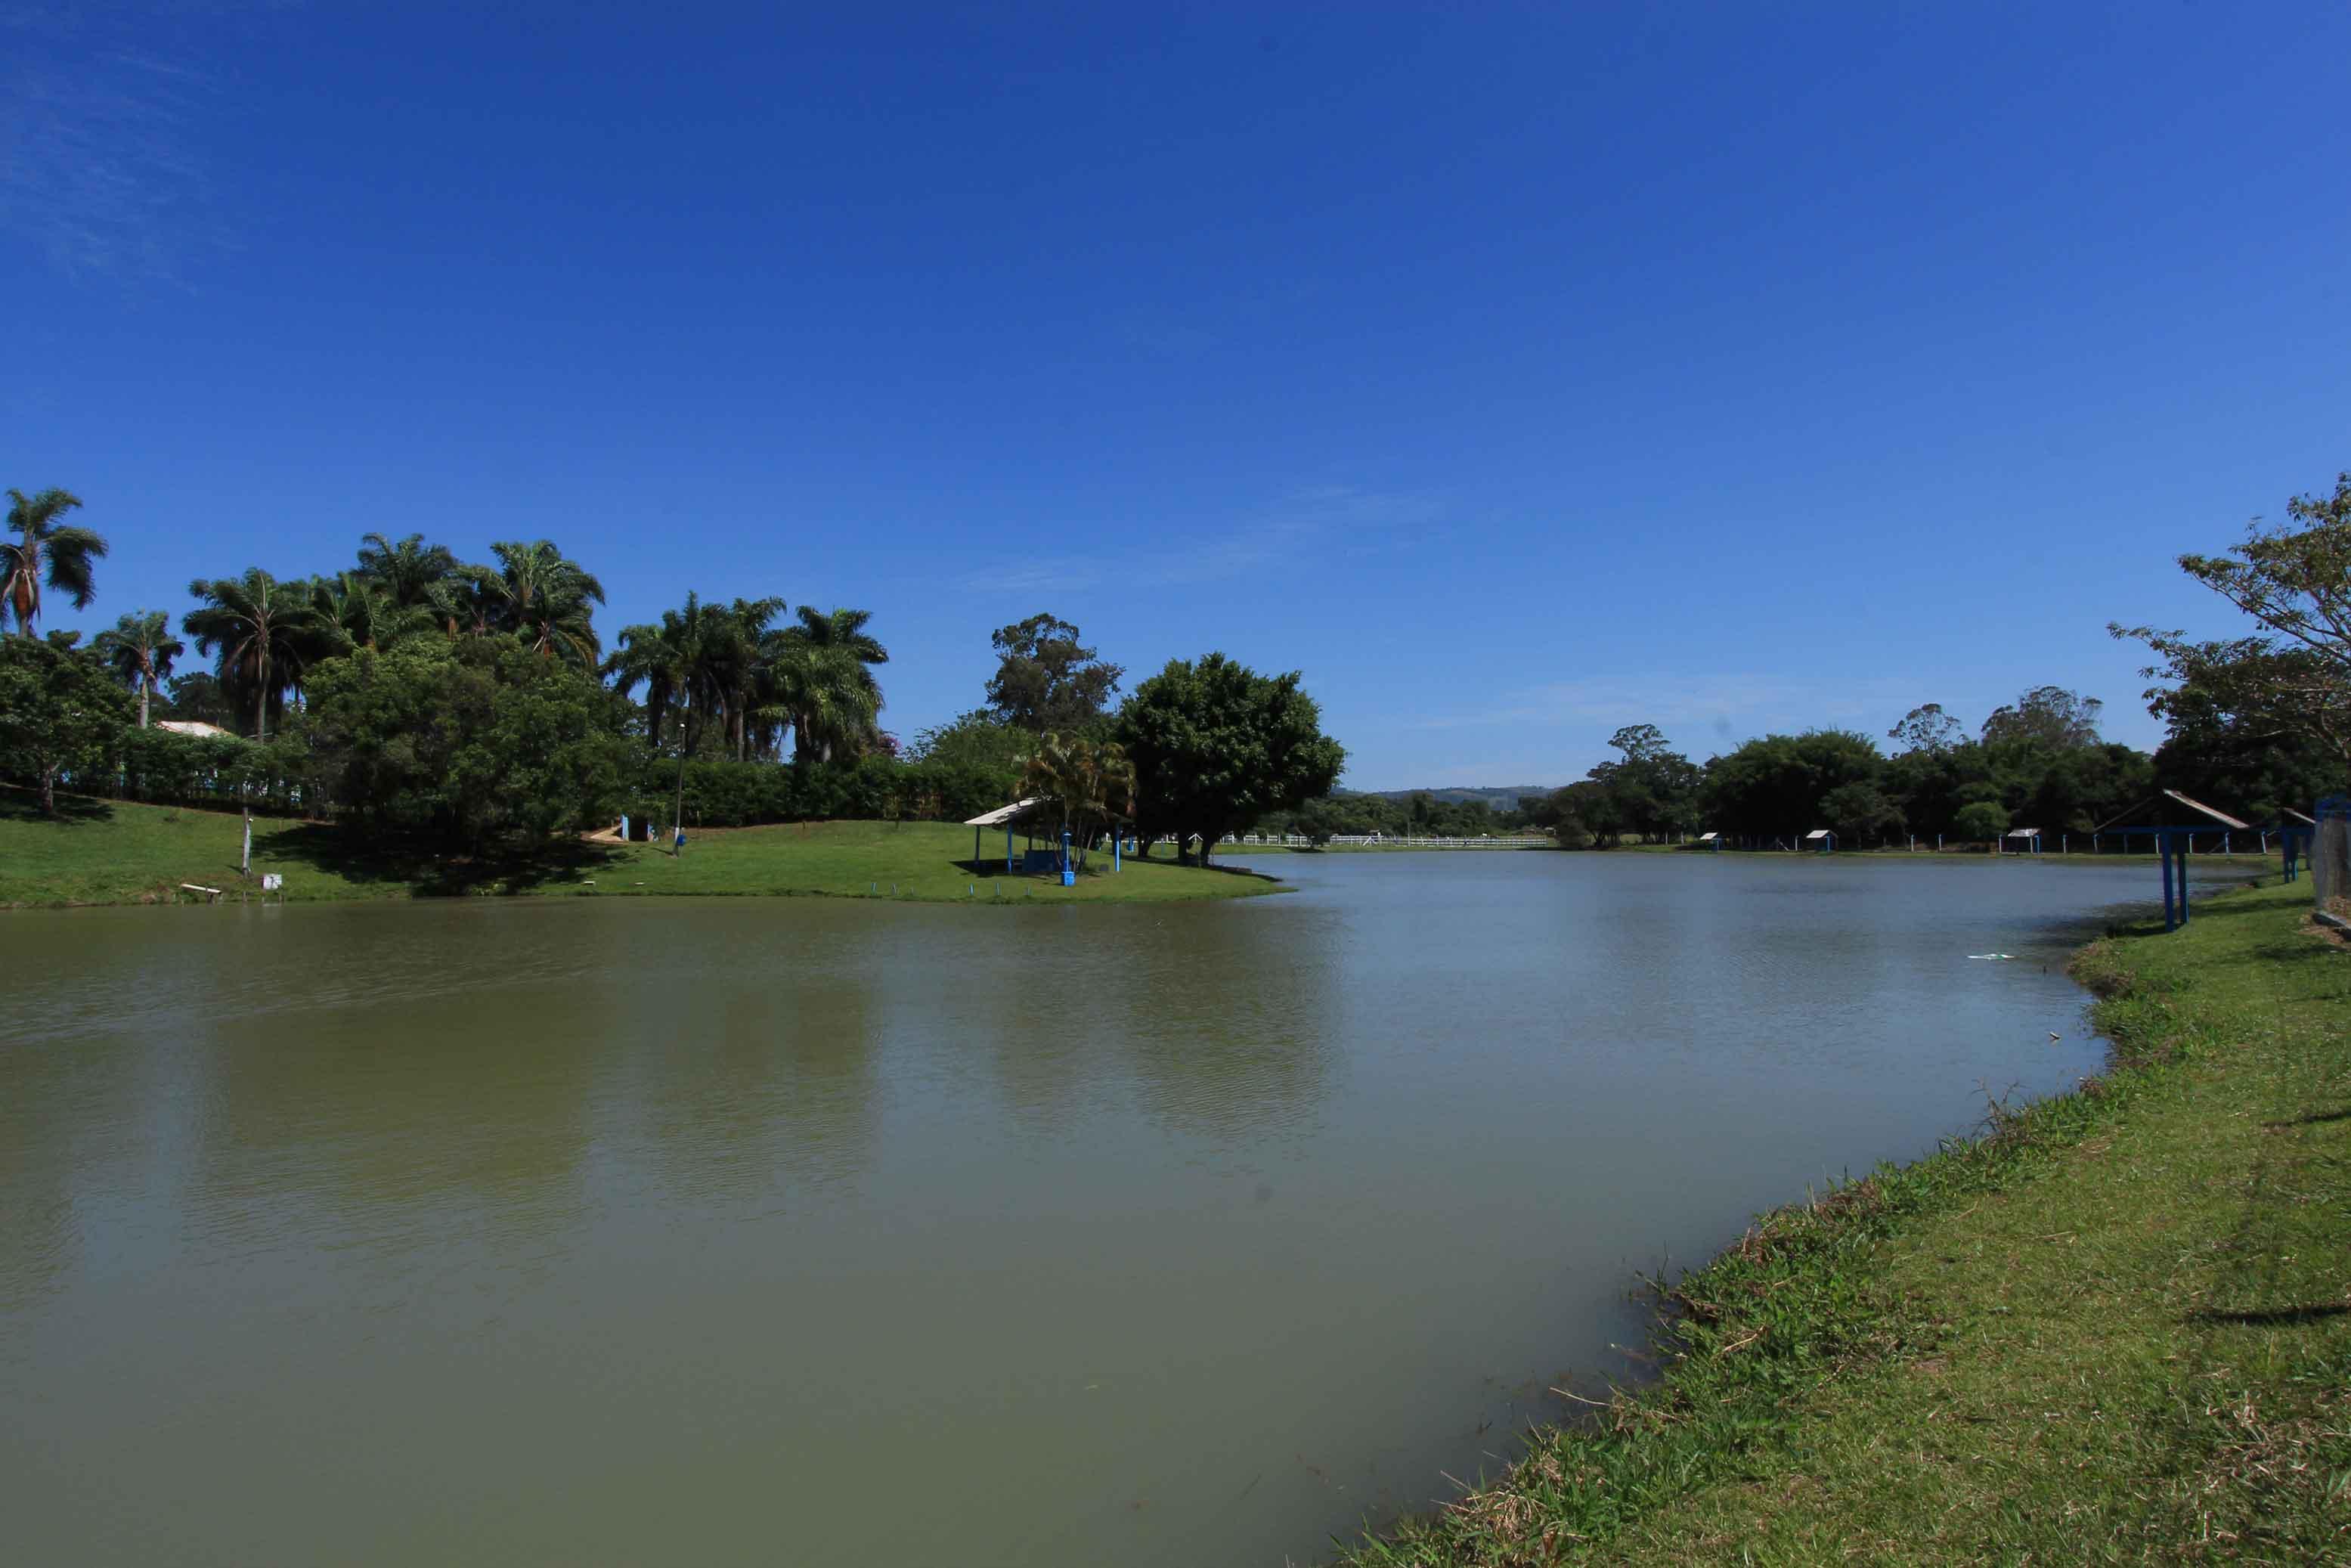 Pesqueiros em Bragança Paulista-turismo-rural-pesqueiro-img_1062